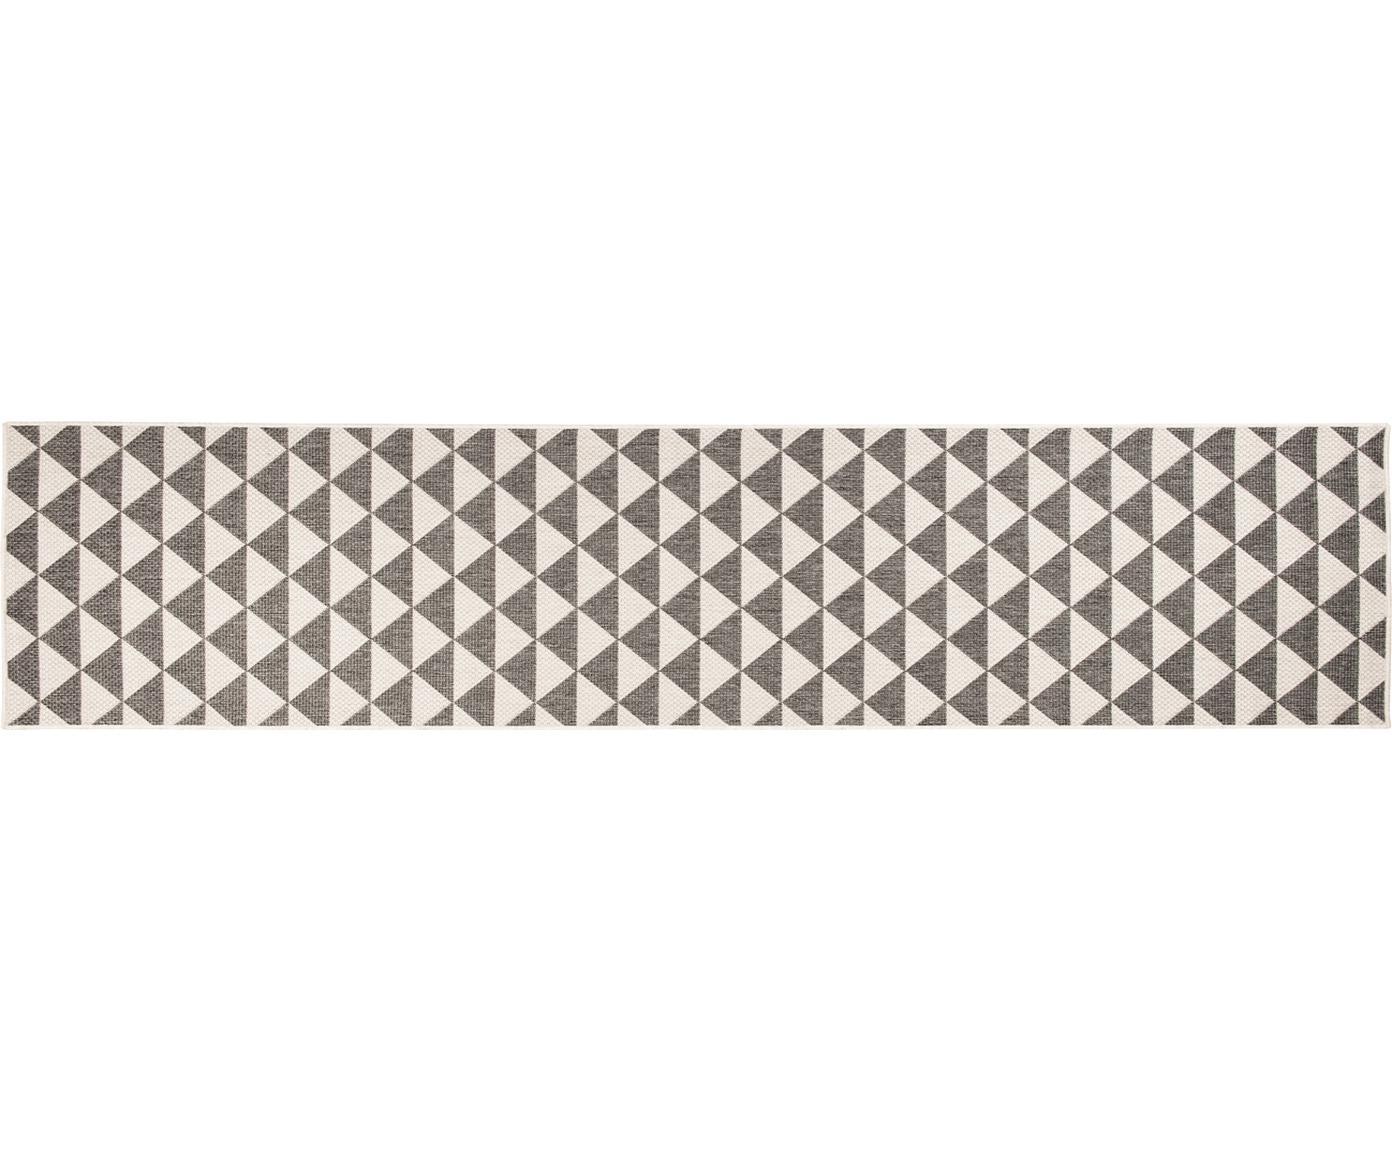 In- & outdoor loper met patroon Tahiti in grijs/crèmekleur, 100% polypropyleen, Grijs, crèmekleurig, 80 x 350 cm